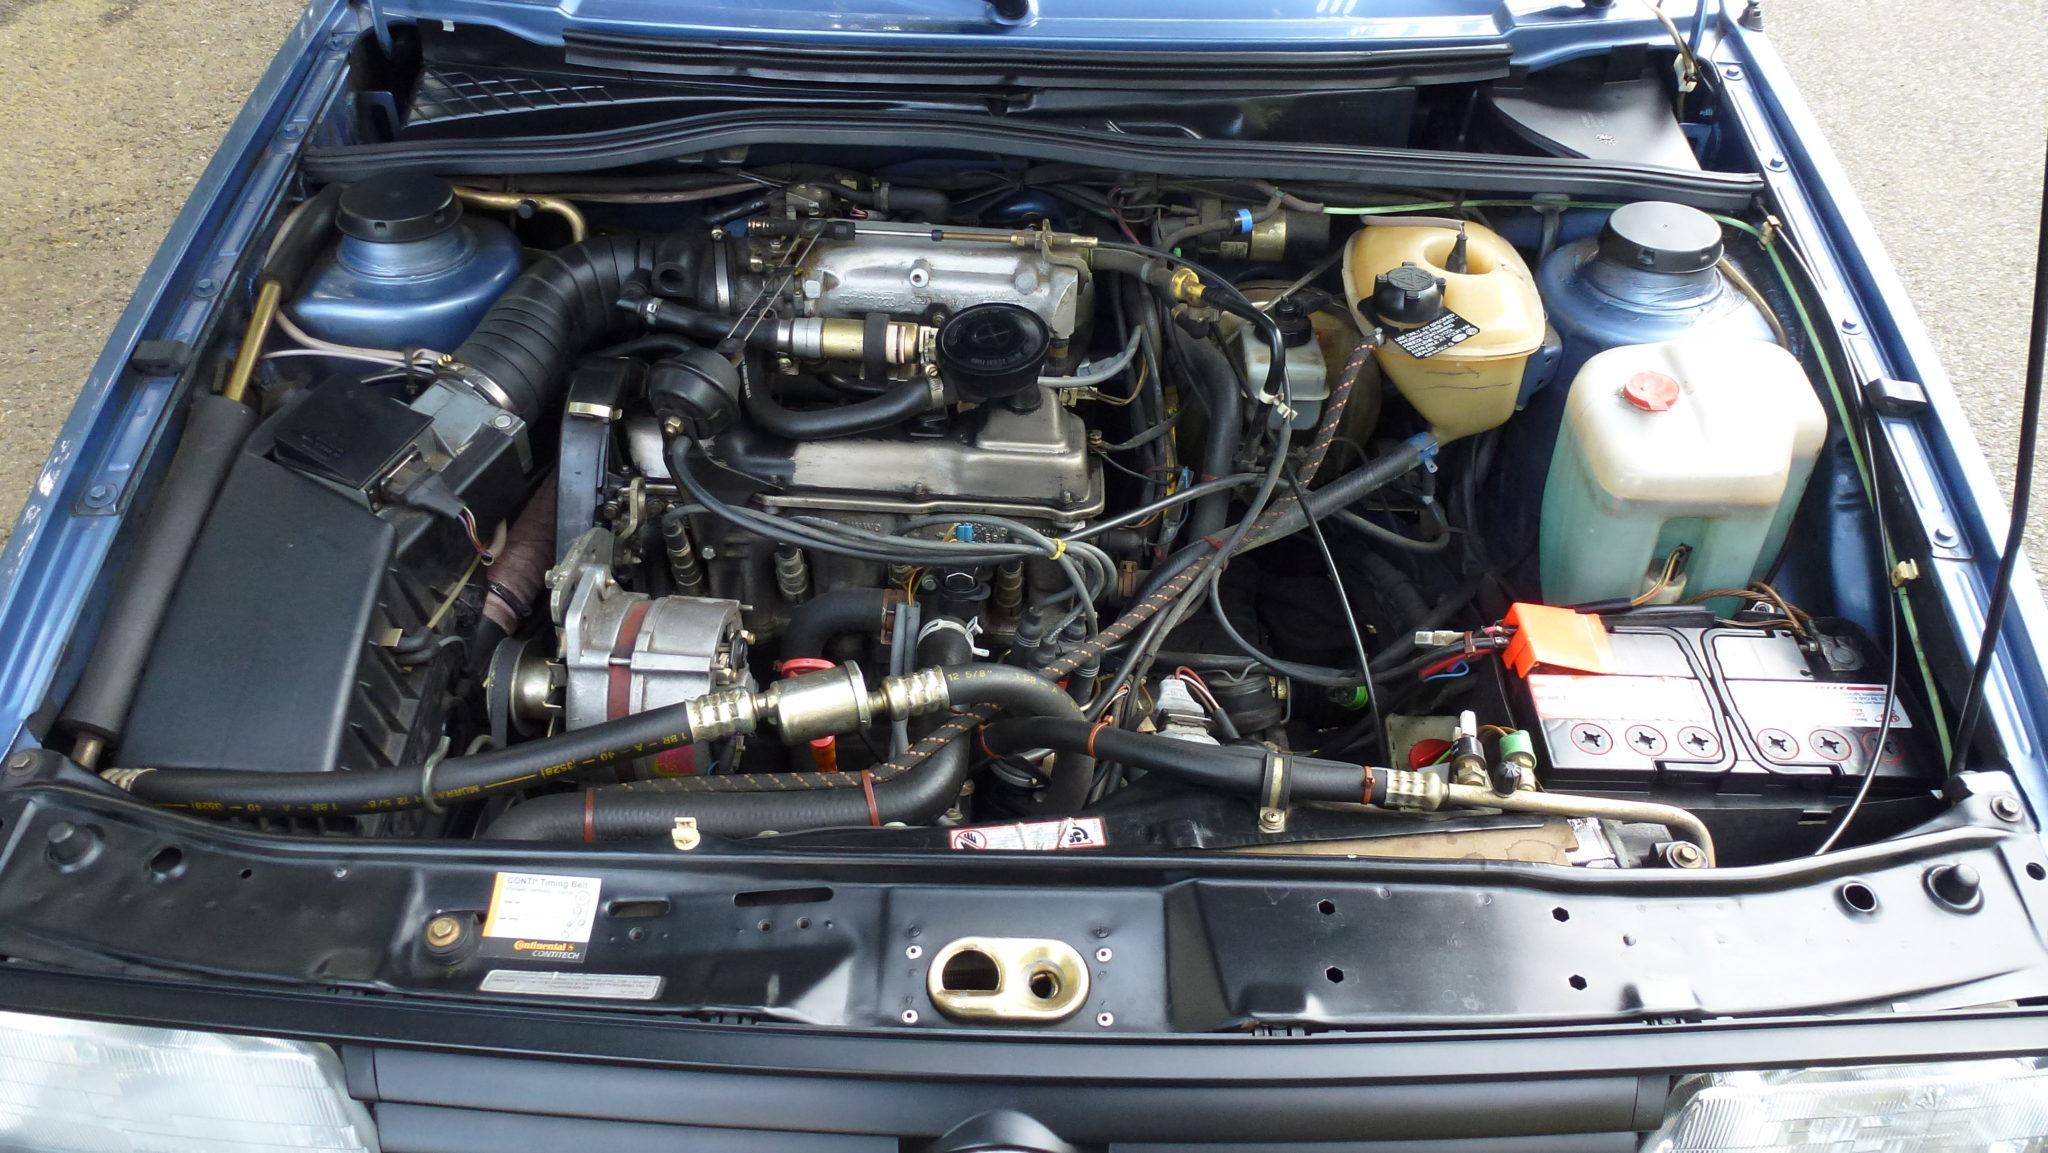 1989_volkswagen_jetta_1587586456dff9f98764daP1070592-scaled